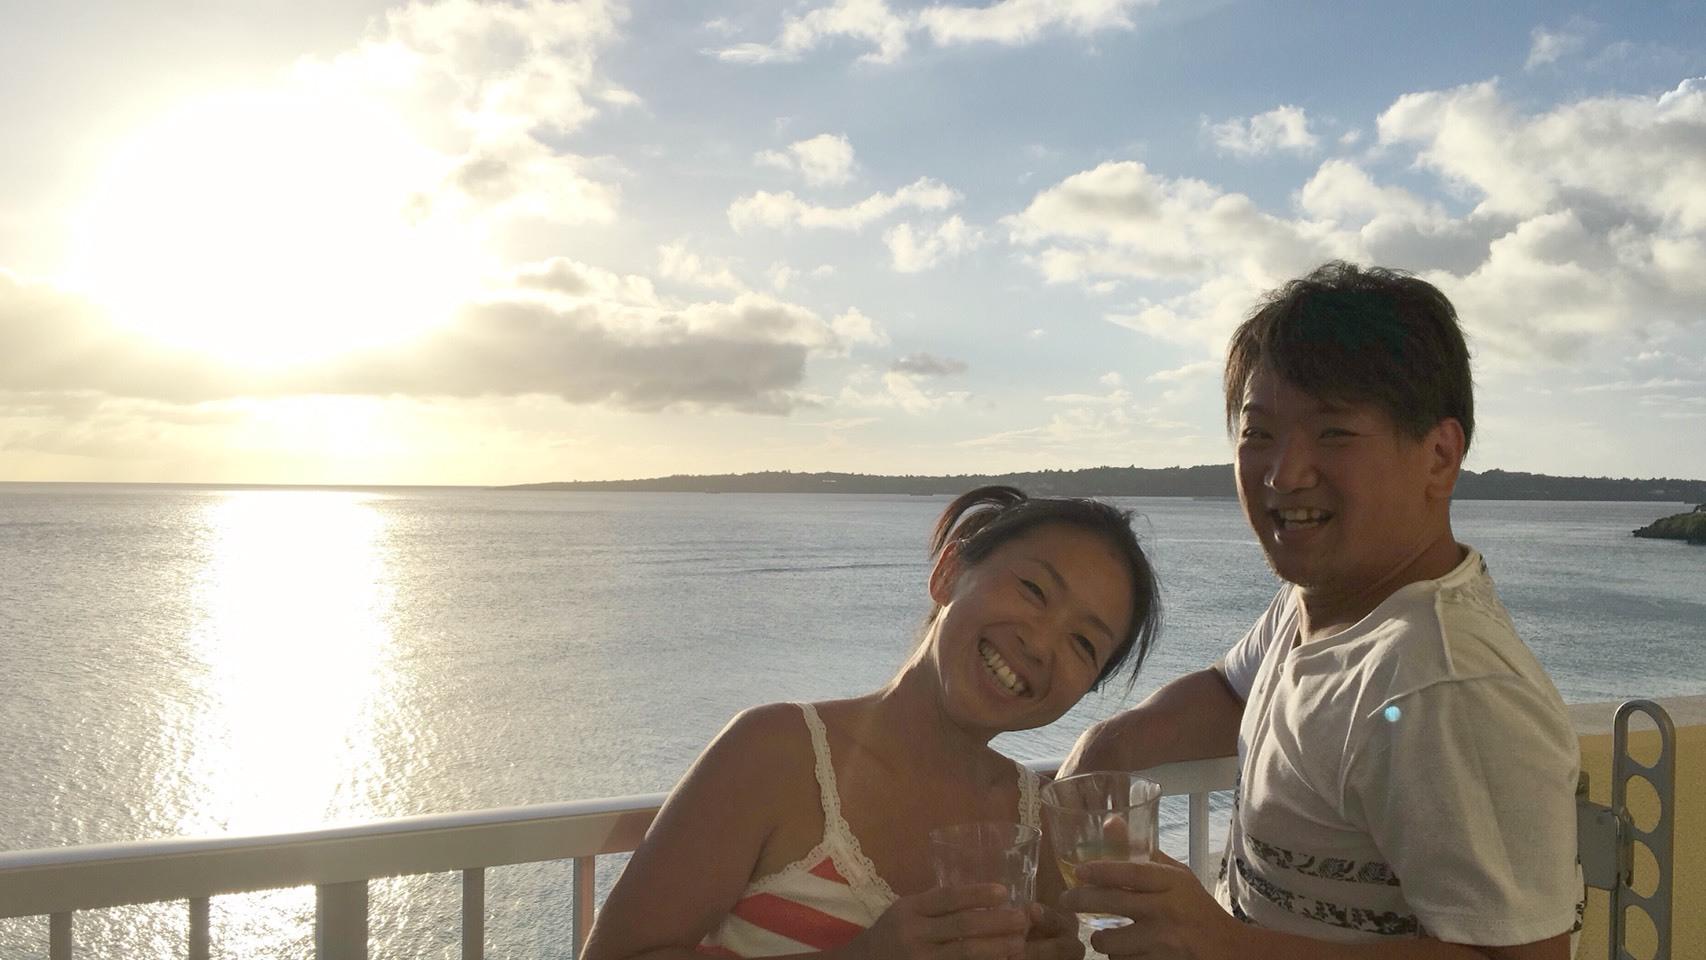 2018沖縄 海が大好き☆瀬底島のビーチでお魚に出会う!_f0011498_16170533.jpg